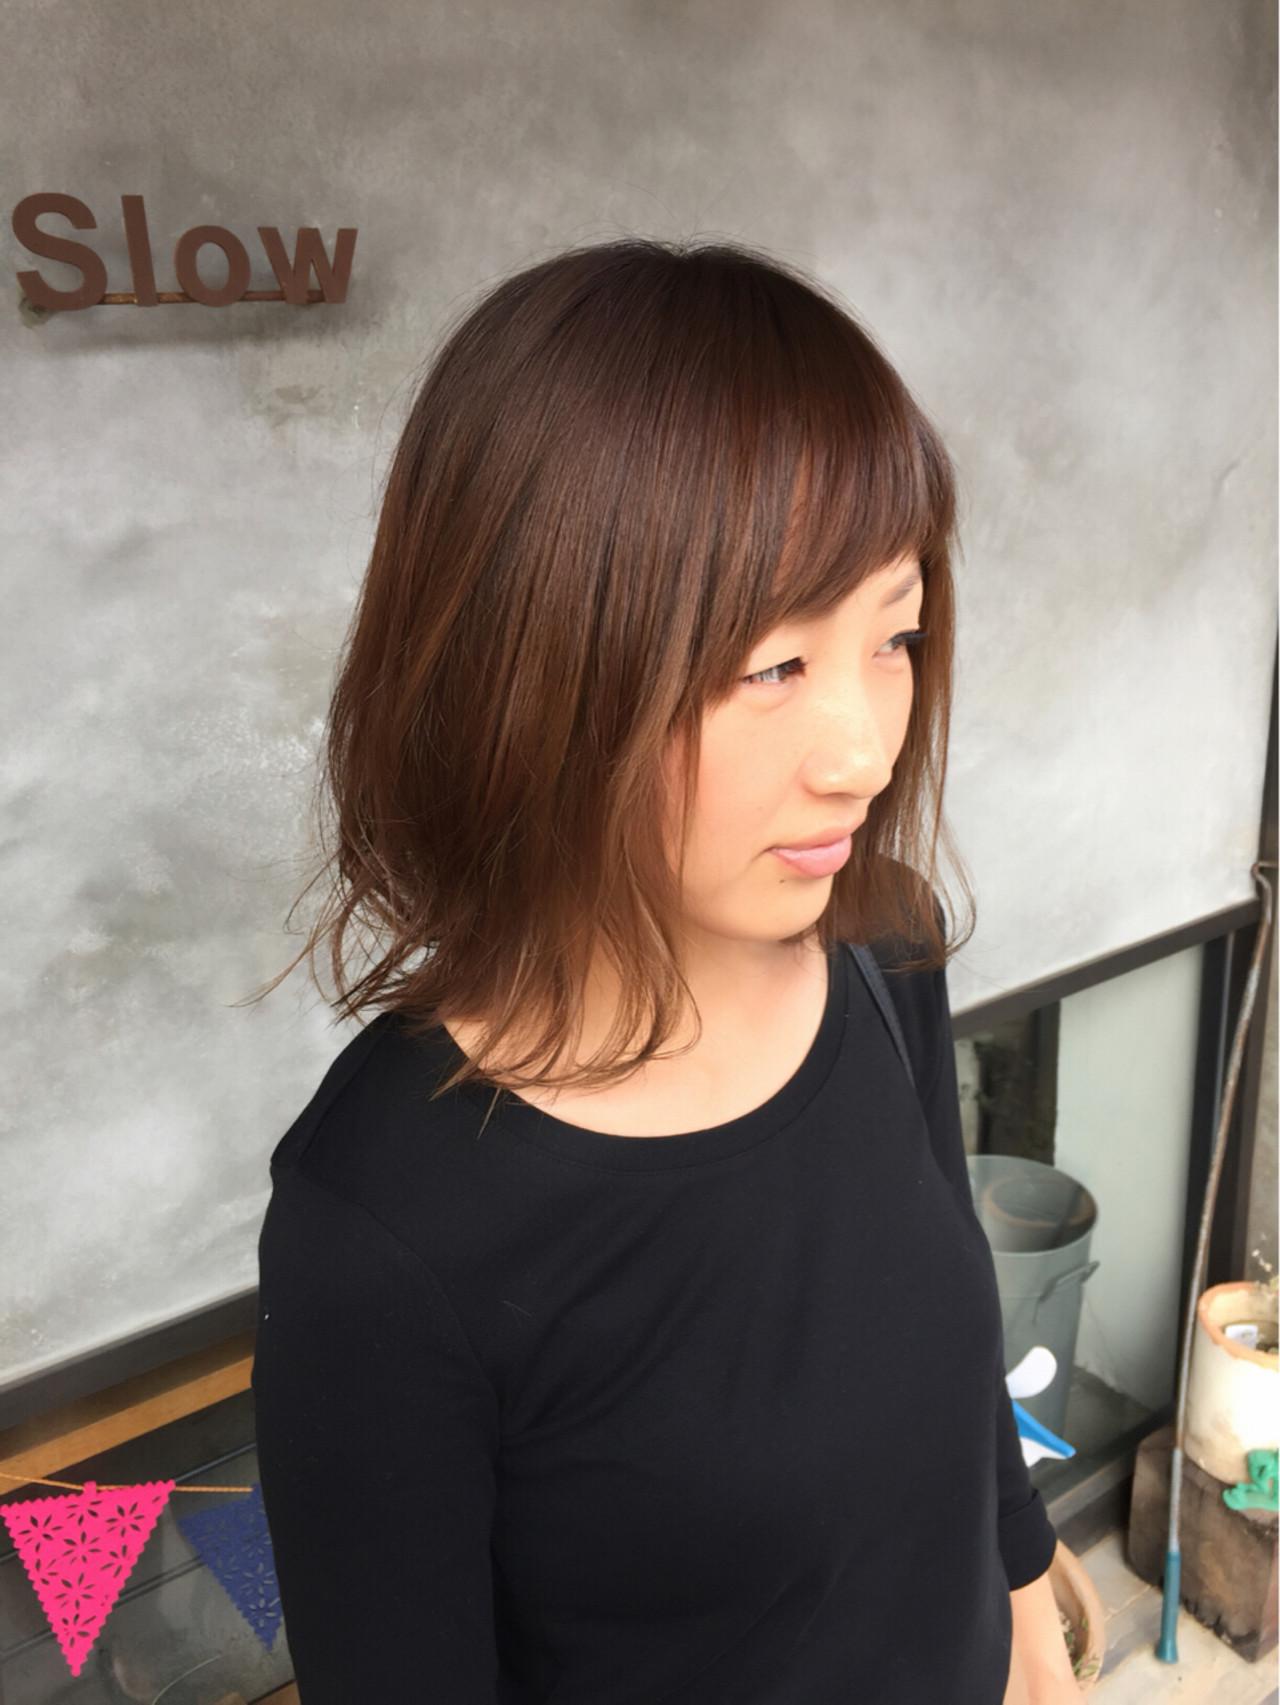 ちょっぴりイメチェンしたい時には、「アシンメトリー前髪」を取り入れて Tatsuo Arakiさん